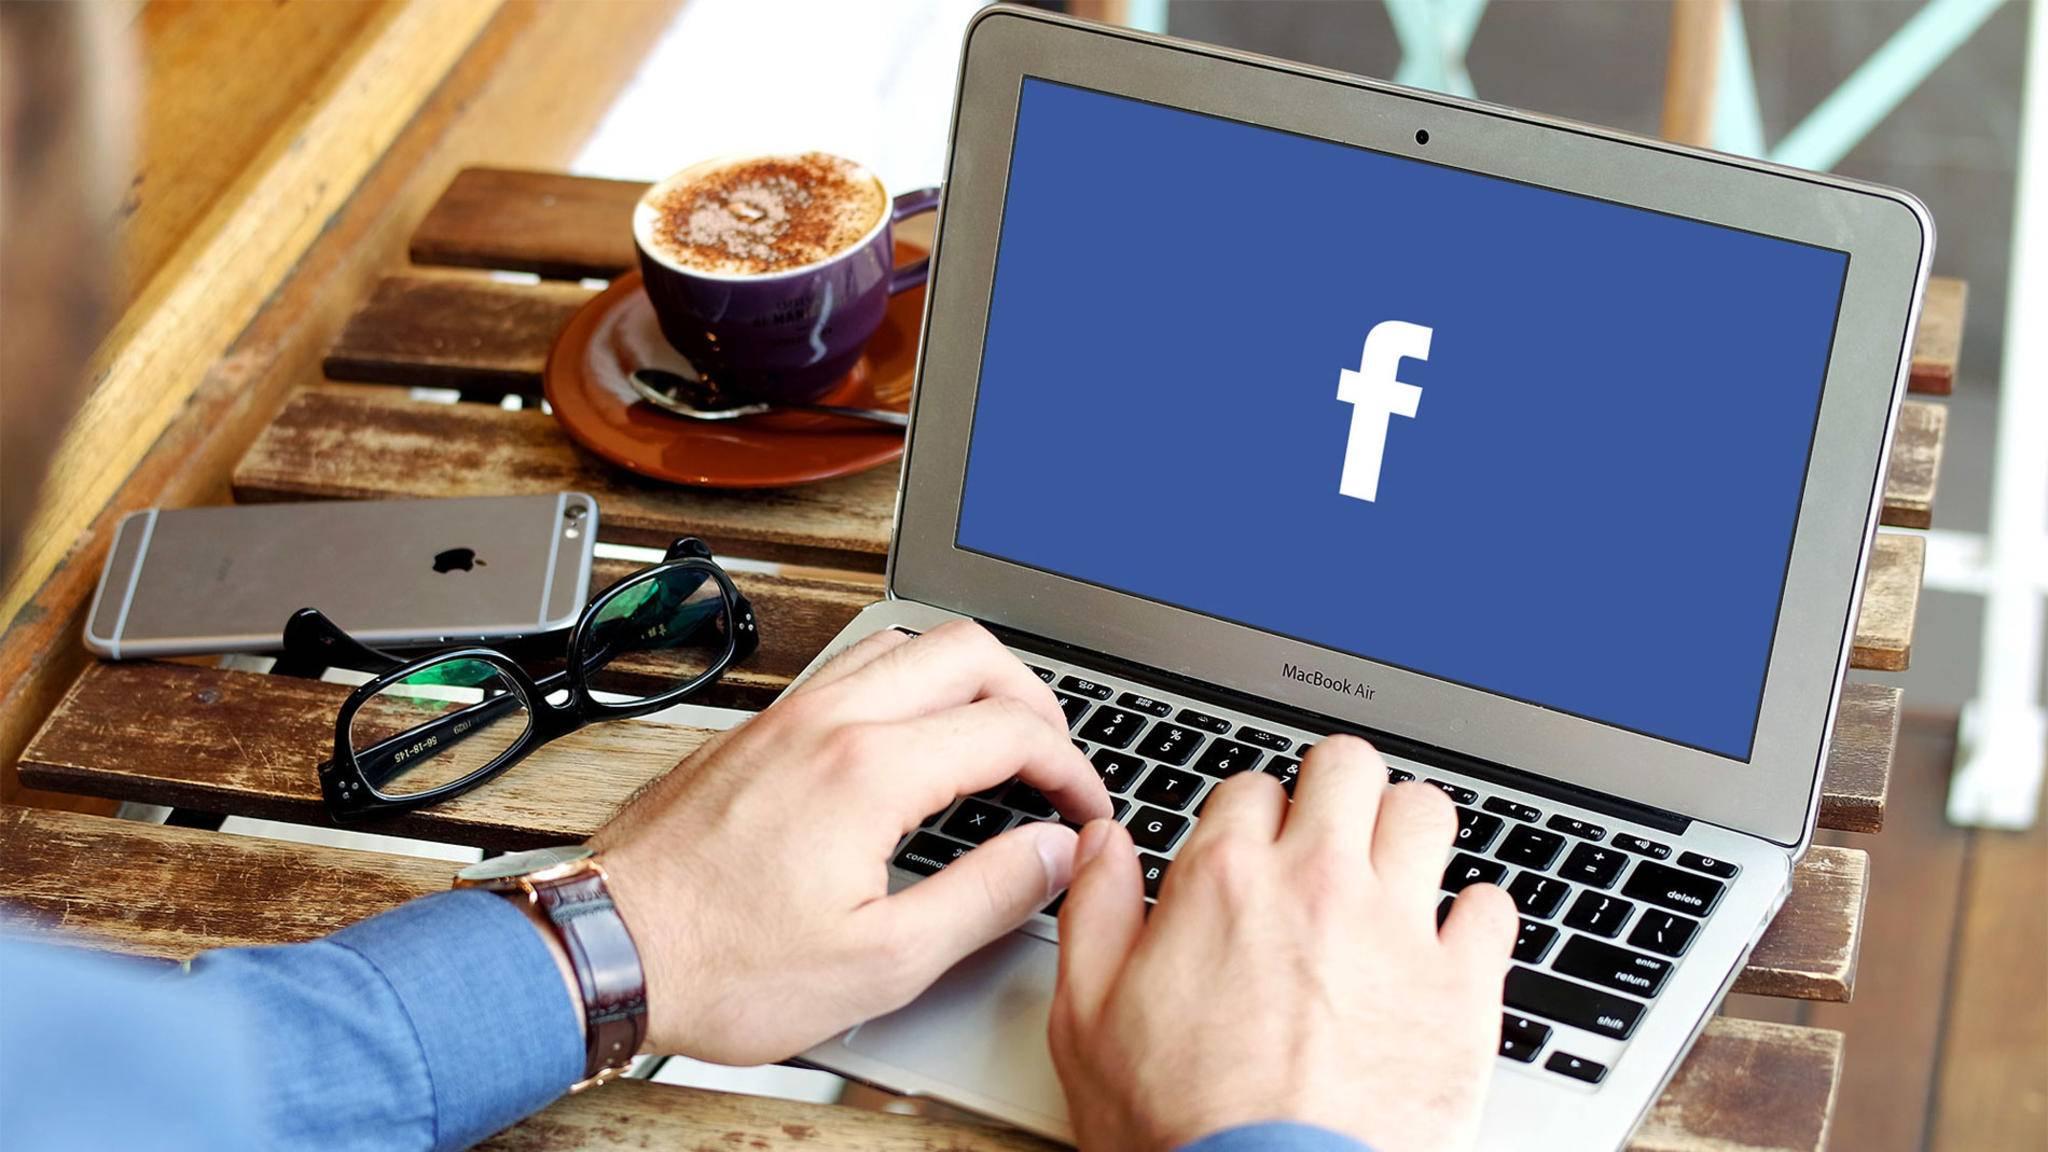 """Bald sollen weniger Links zu minderwertigen Quellen unter Facebooks """"Neueste Meldungen"""" auftauchen."""